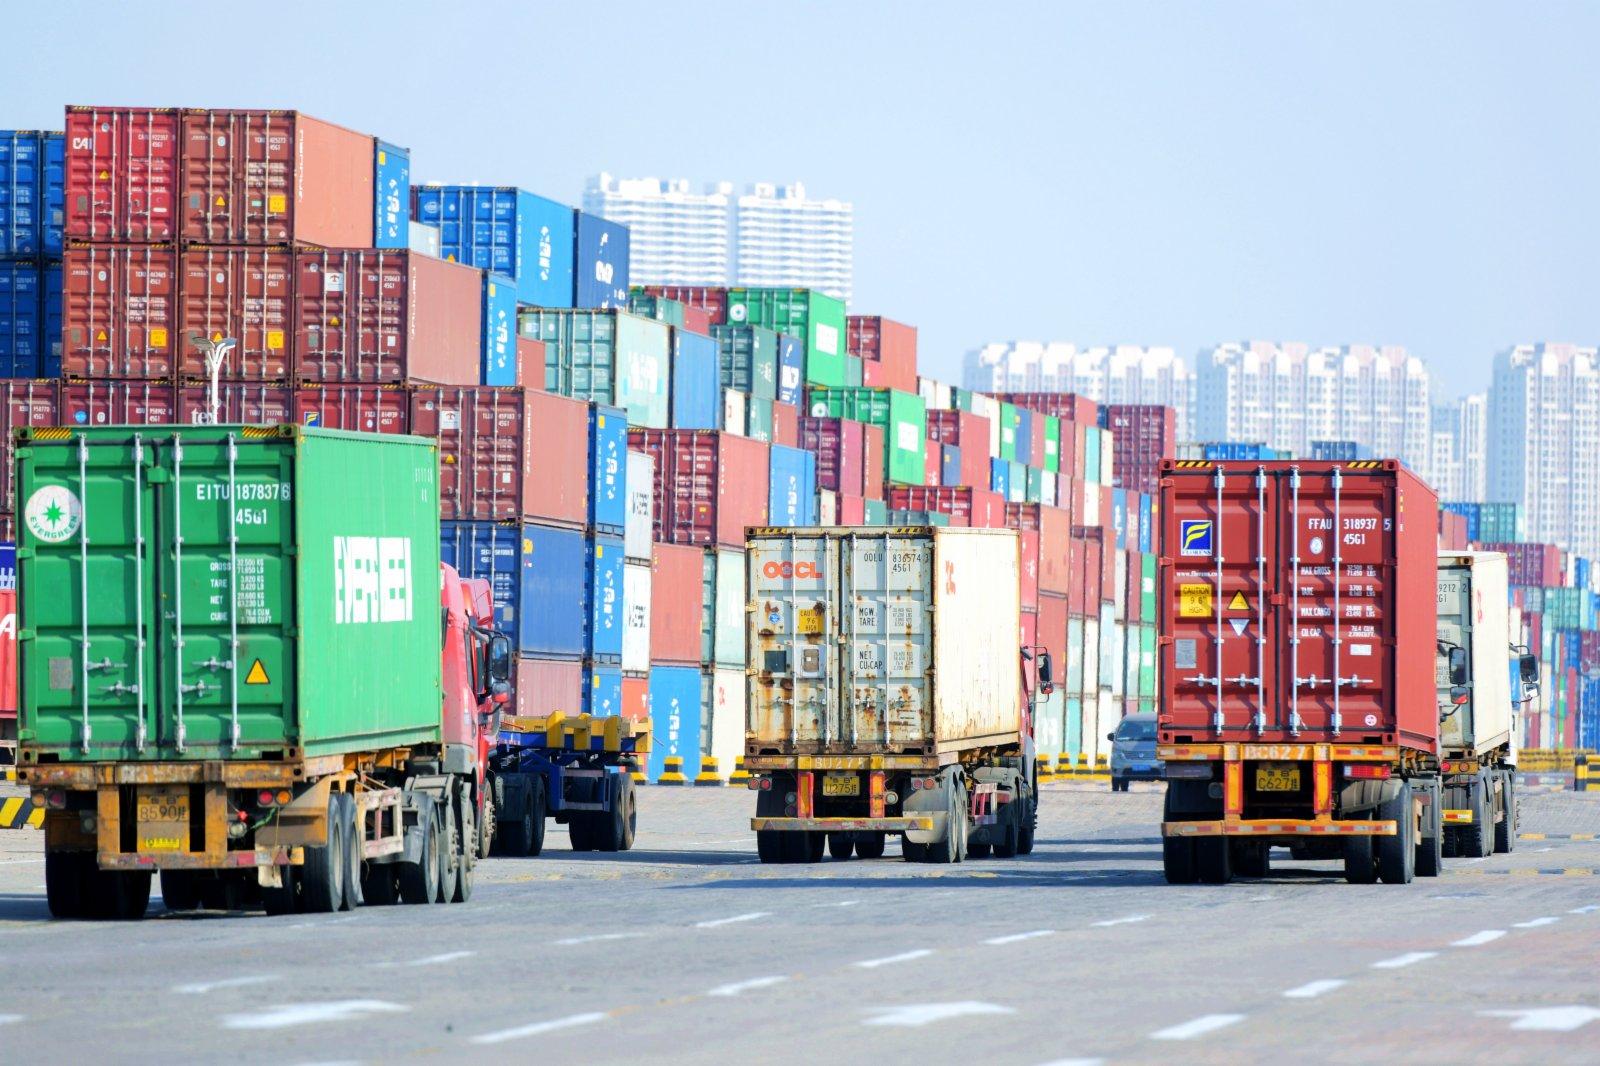 2月9日,山東港口青島港外貿集裝箱碼頭,貨車在運送集裝箱。(新華社)